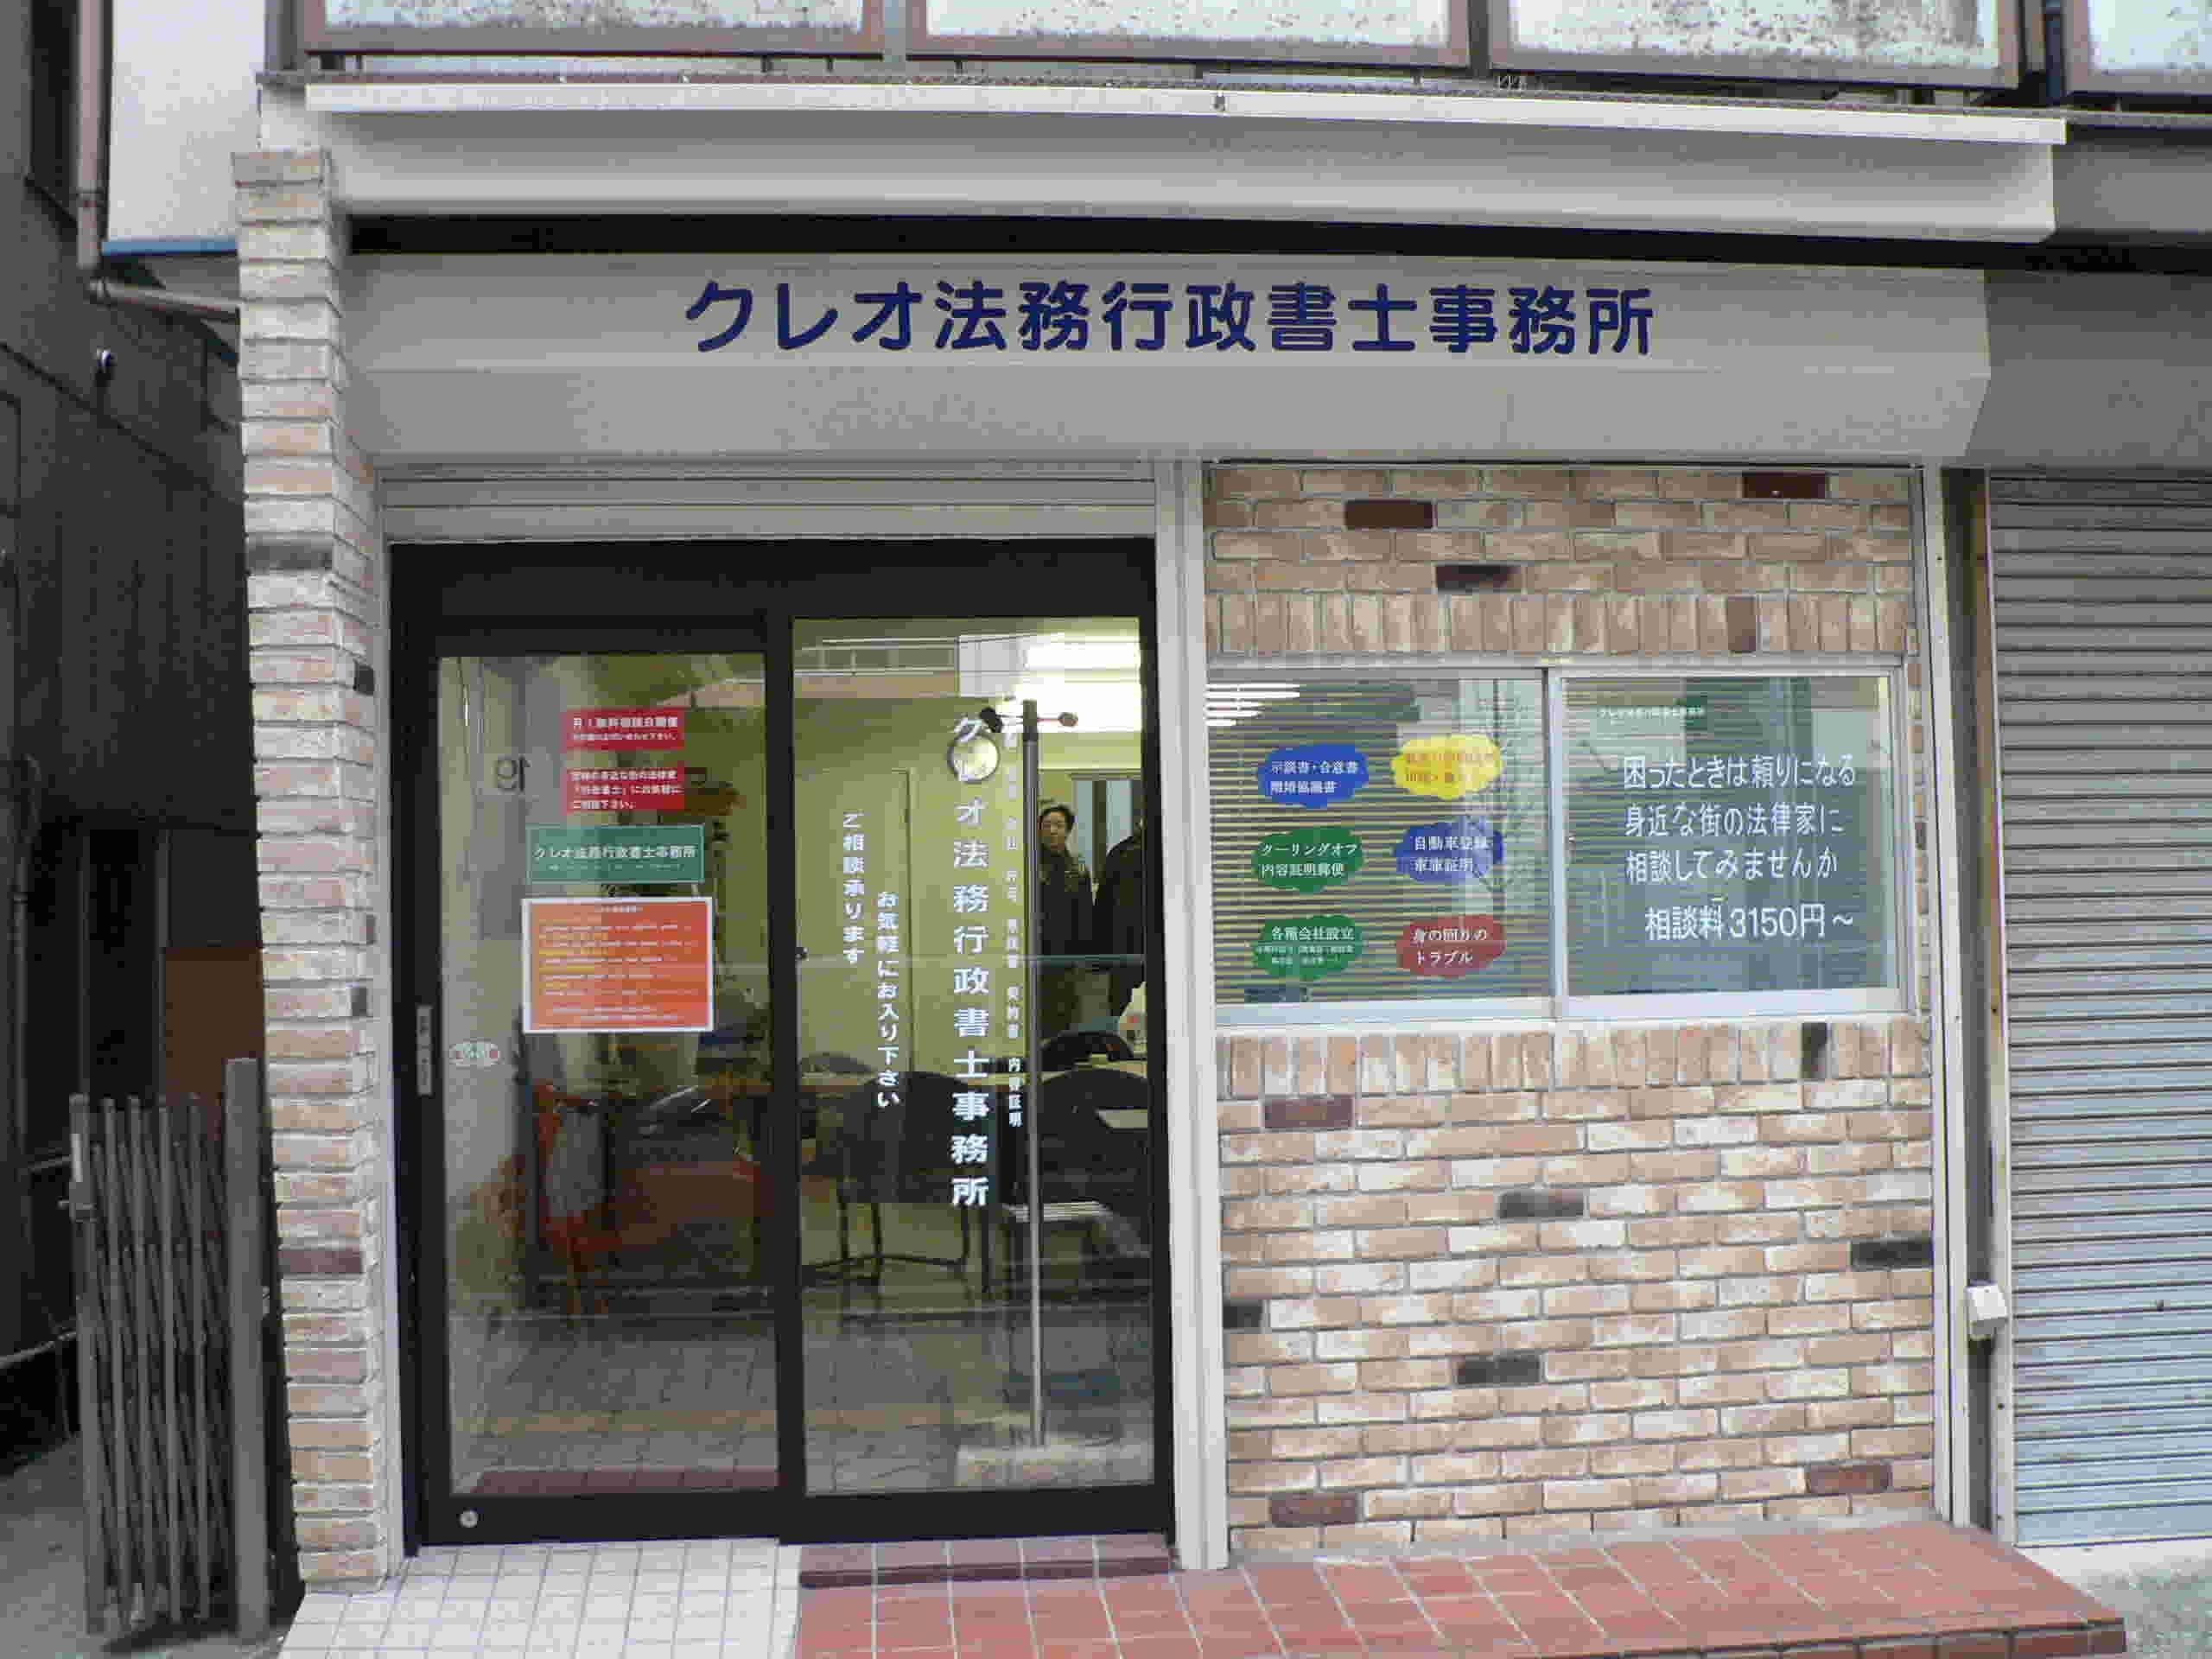 事務所 の 外観 事務所 の 内部